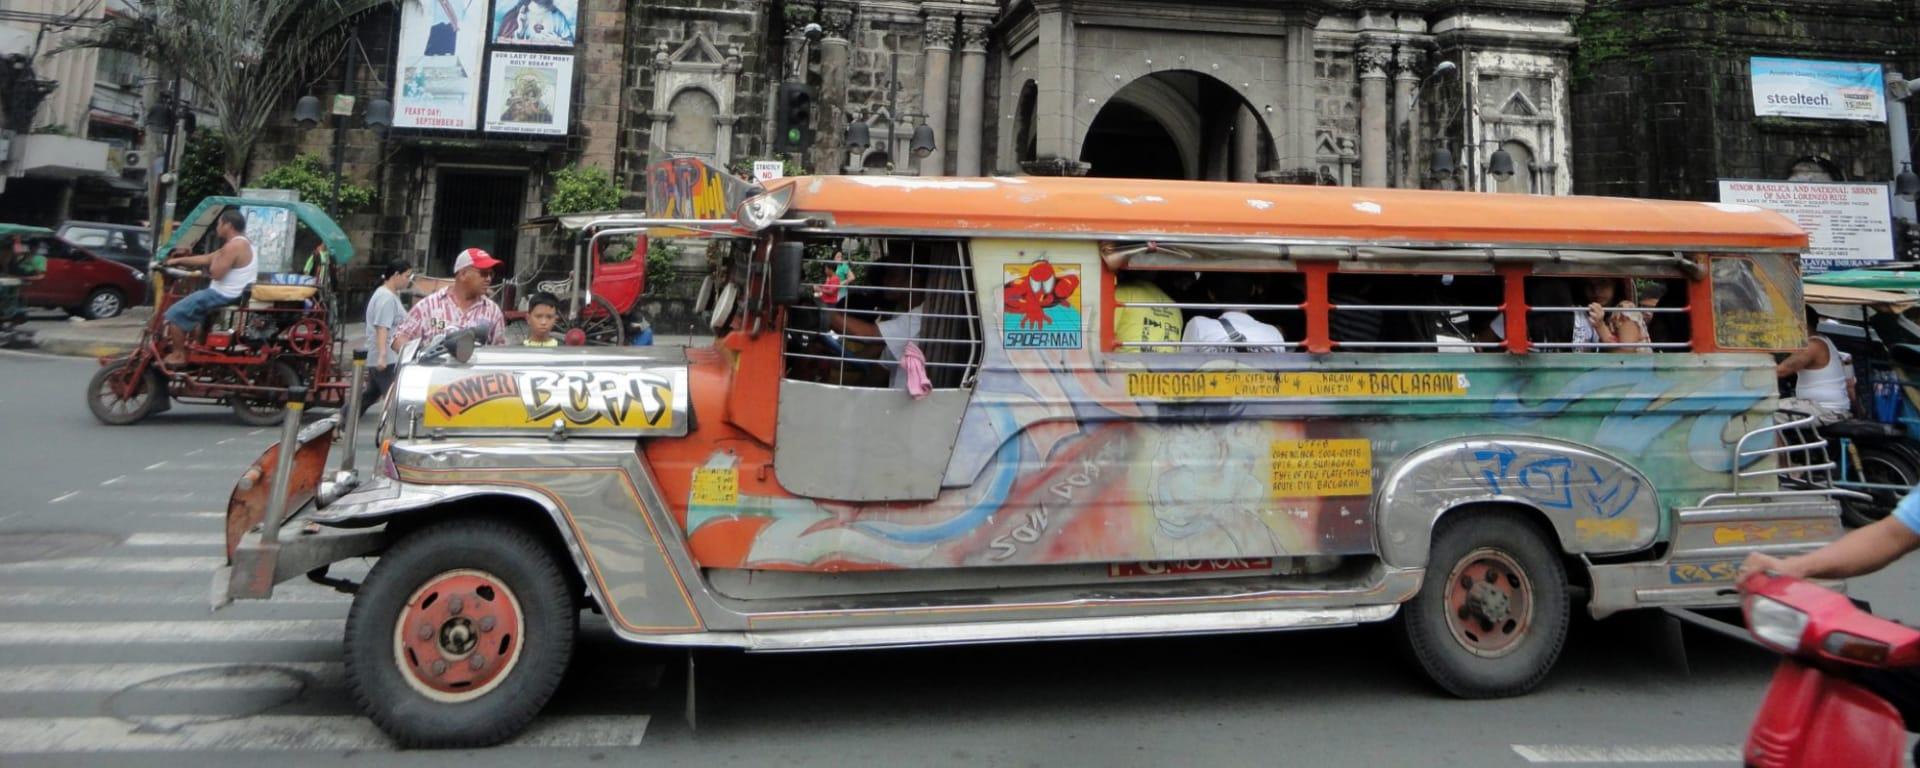 Manille en jeepney: Manila Jeepney